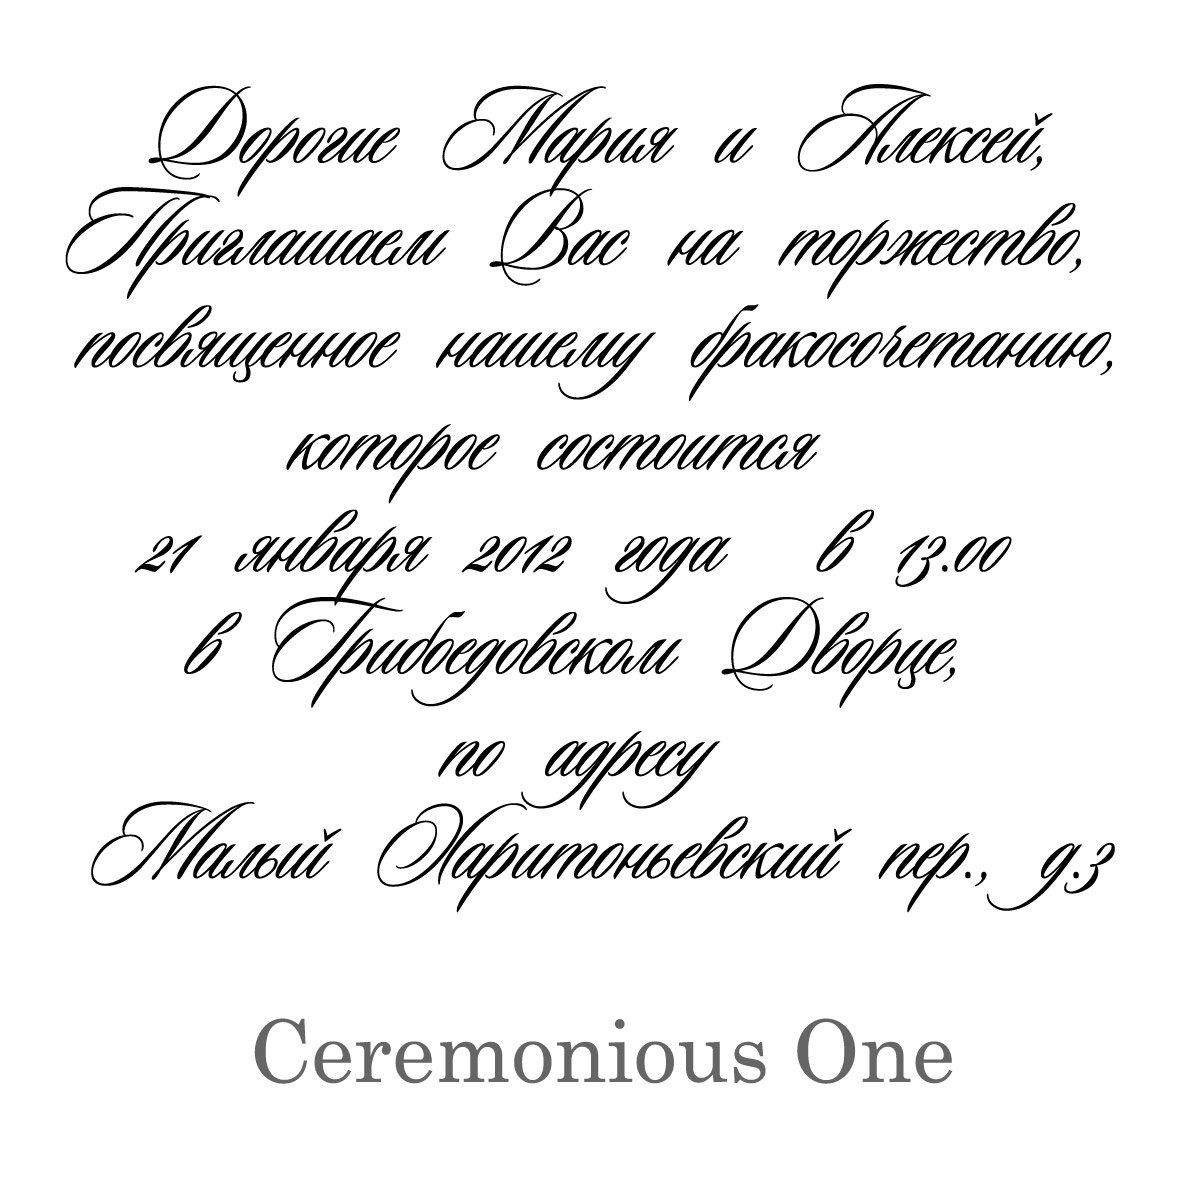 Подписать открытку на свадьбу красивым шрифтом, тренером